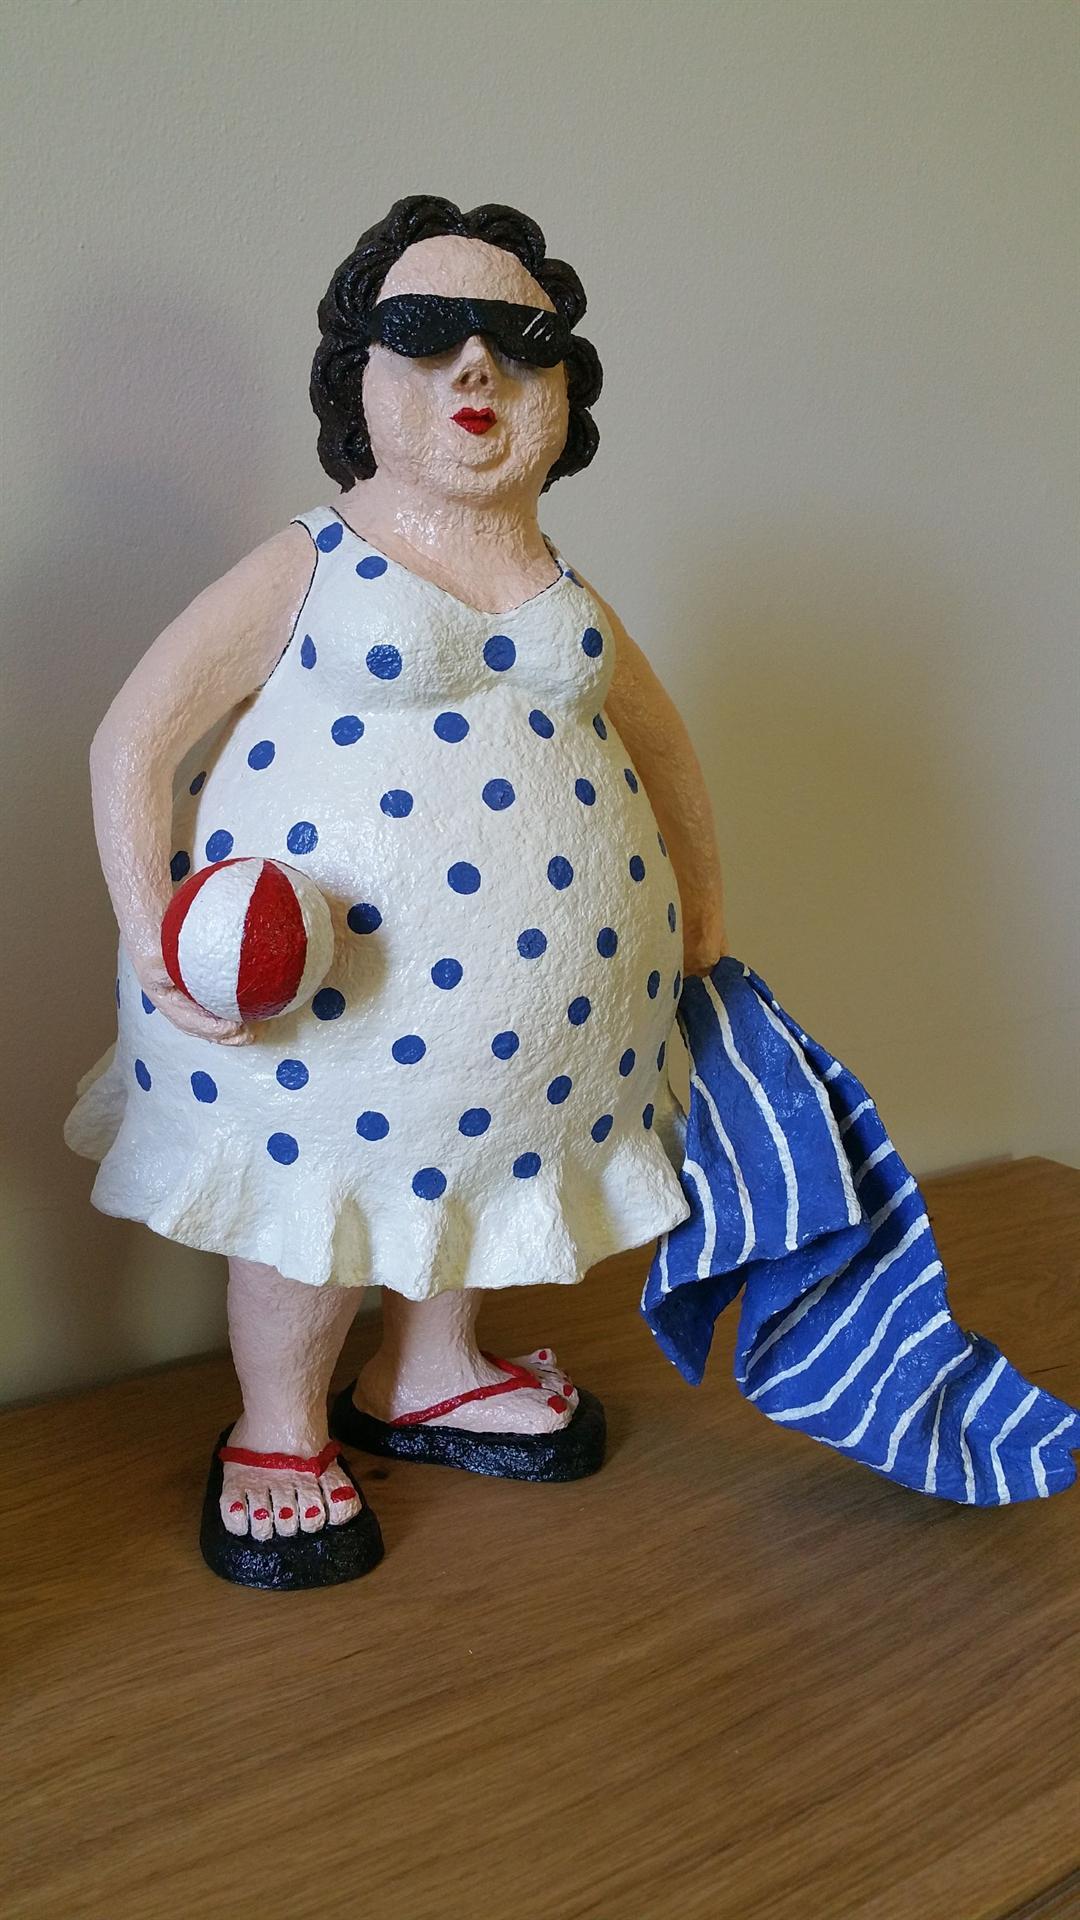 אשה בים עם כדור ומגבת